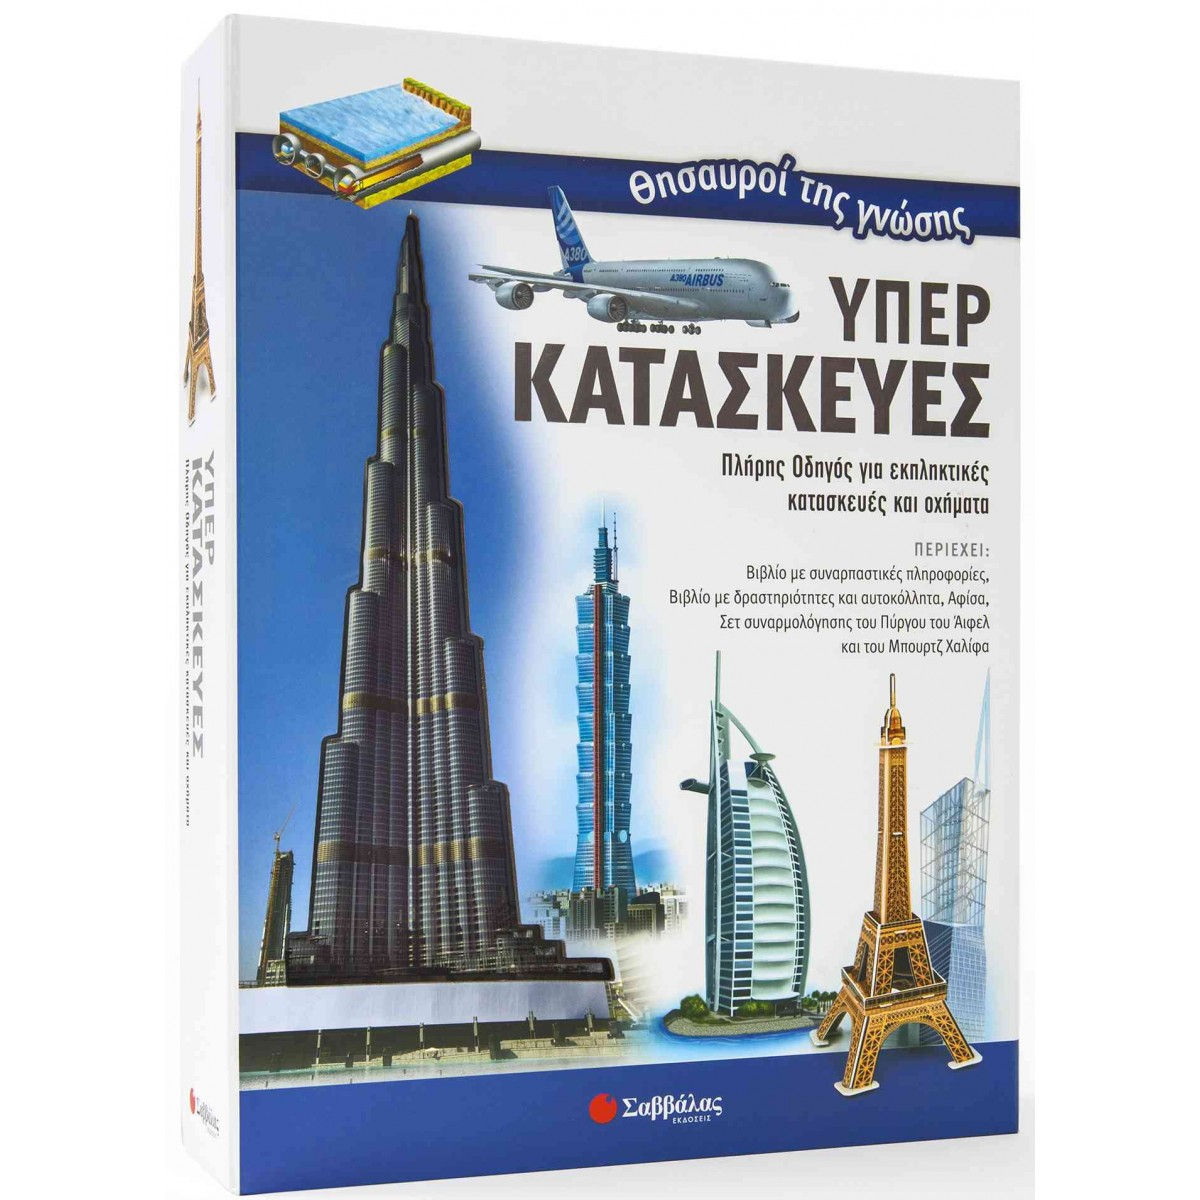 Υπερκατασκευές Σετ Συναρμολόγησης του Πύργου του Άιφελ και του Μπουρτζ Χαλίφα